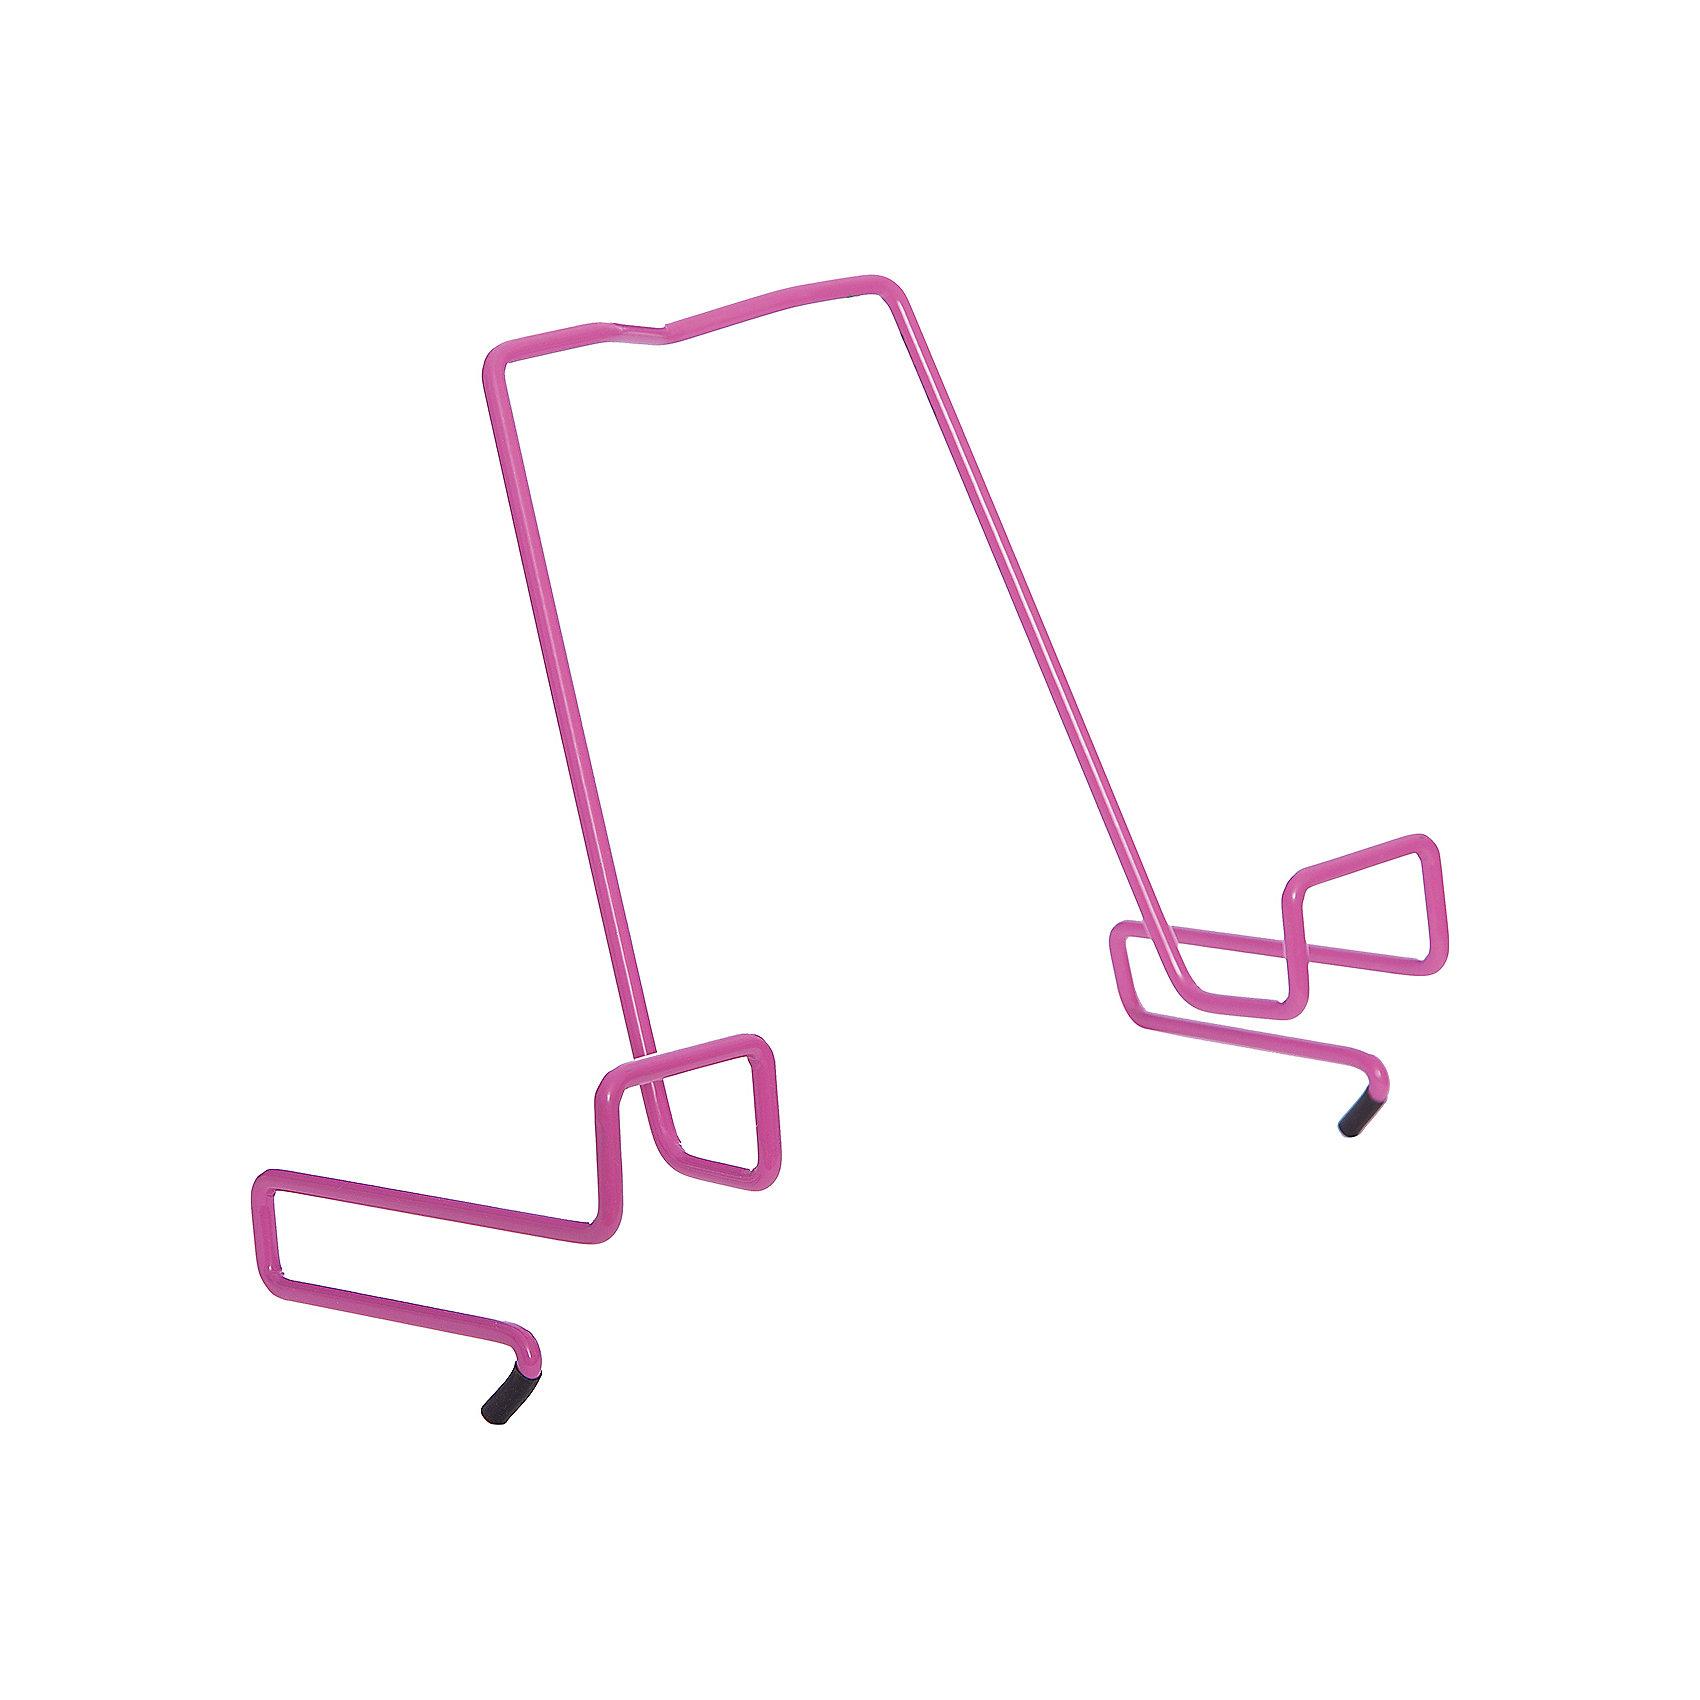 Подставка для книг металлическая ПДК.02, Дэми, розовый